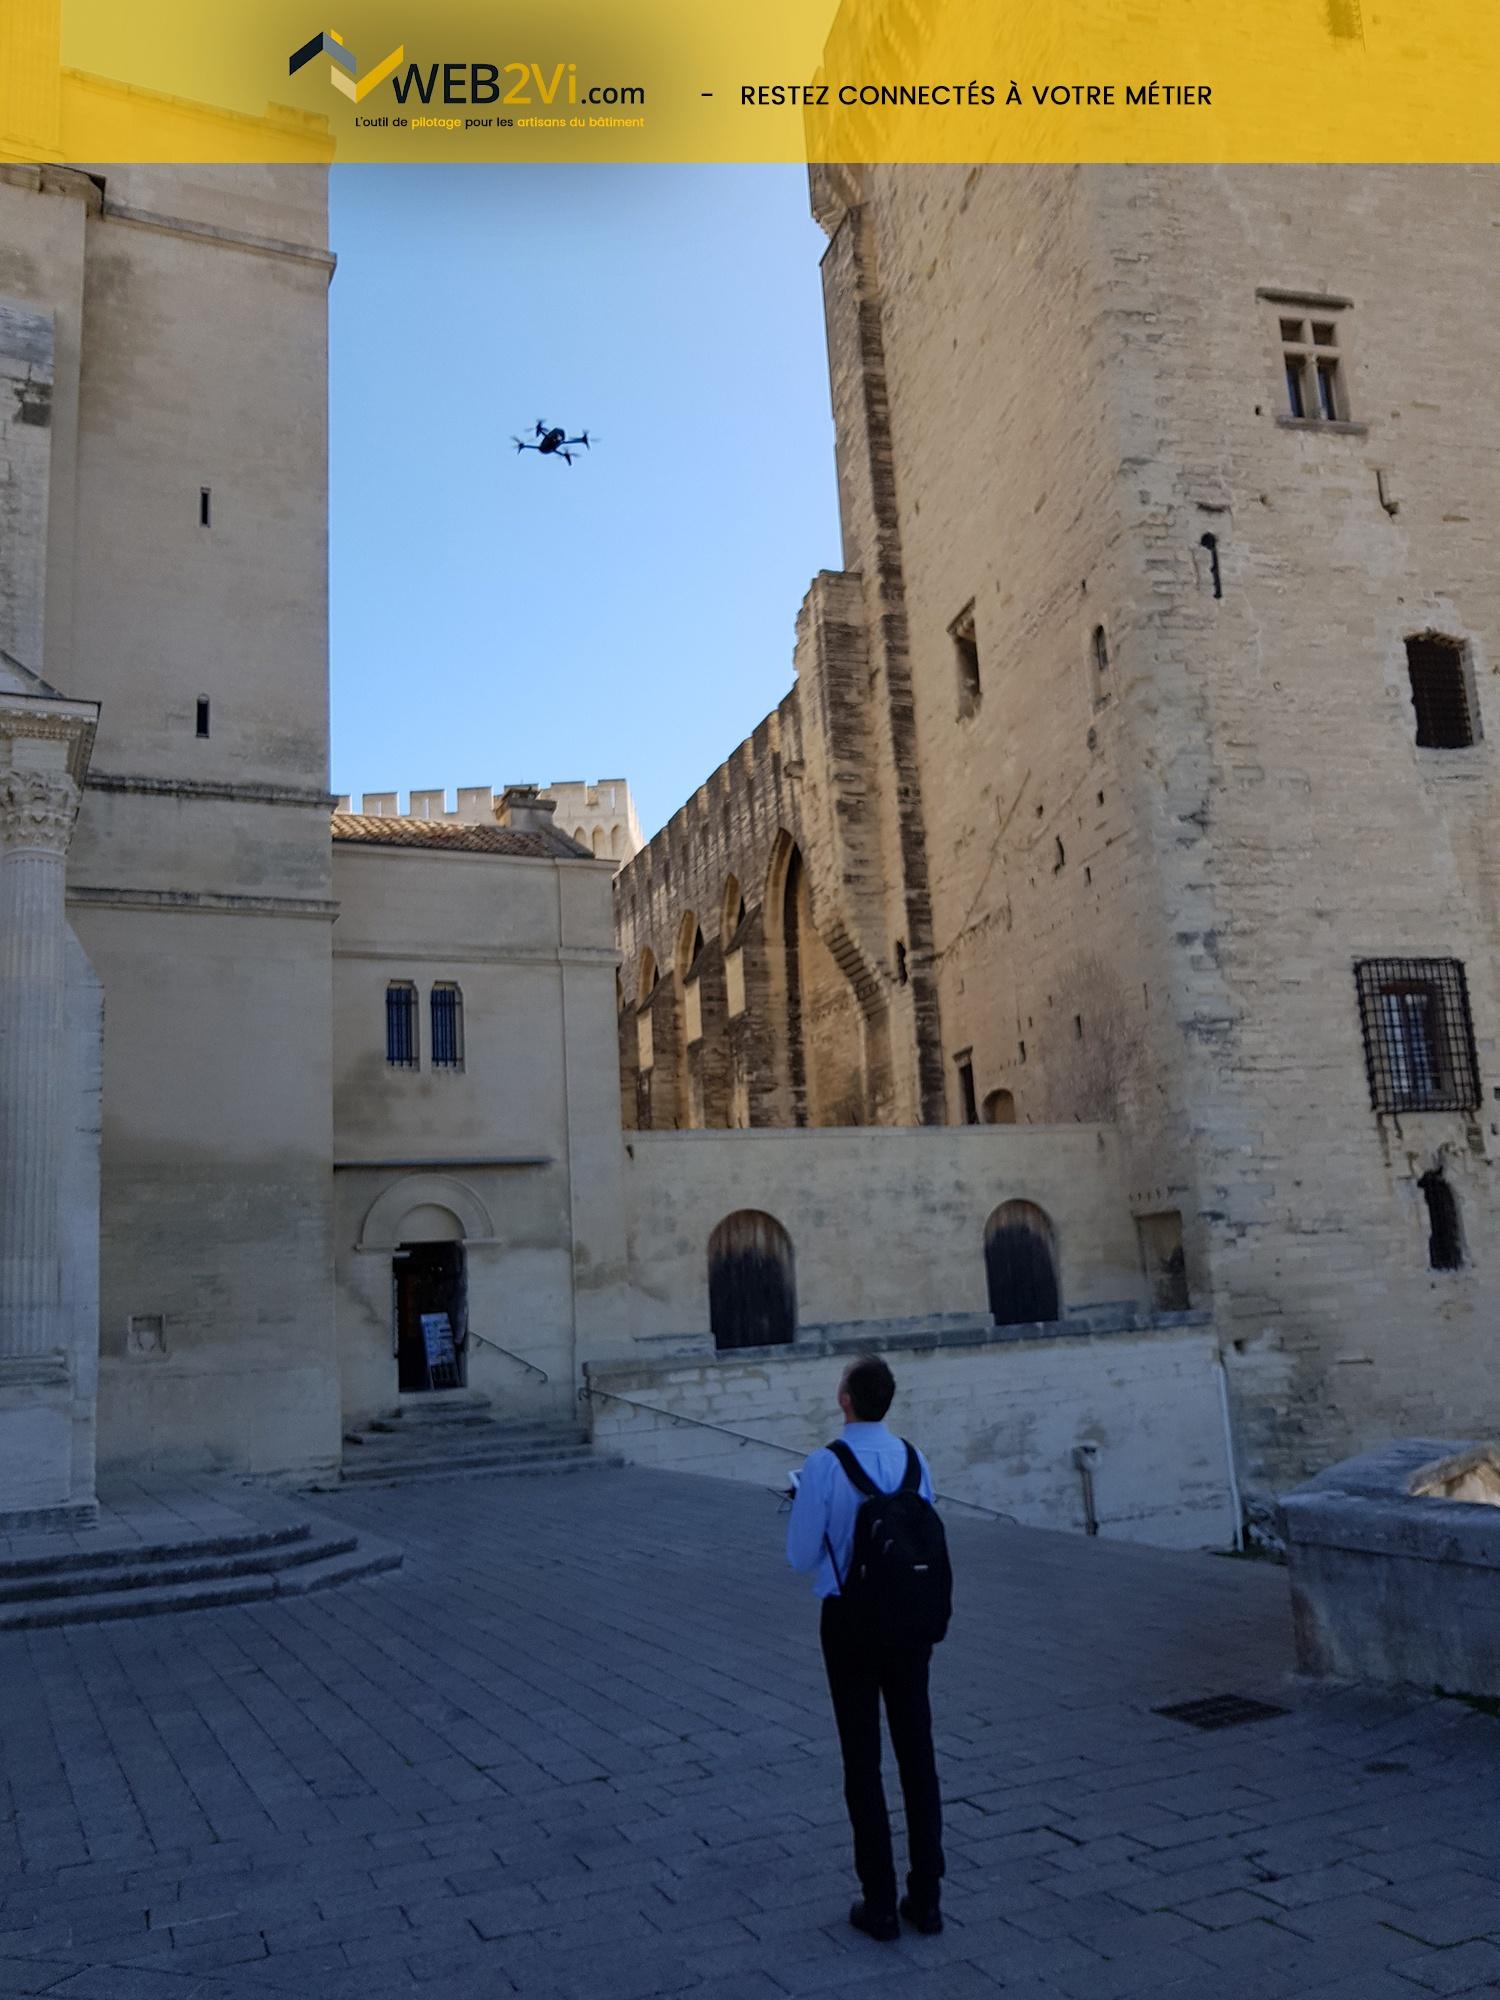 Rencontres UNCP 2018 Avignon Palais des Papes Web2vi drone Parrot métré 3D